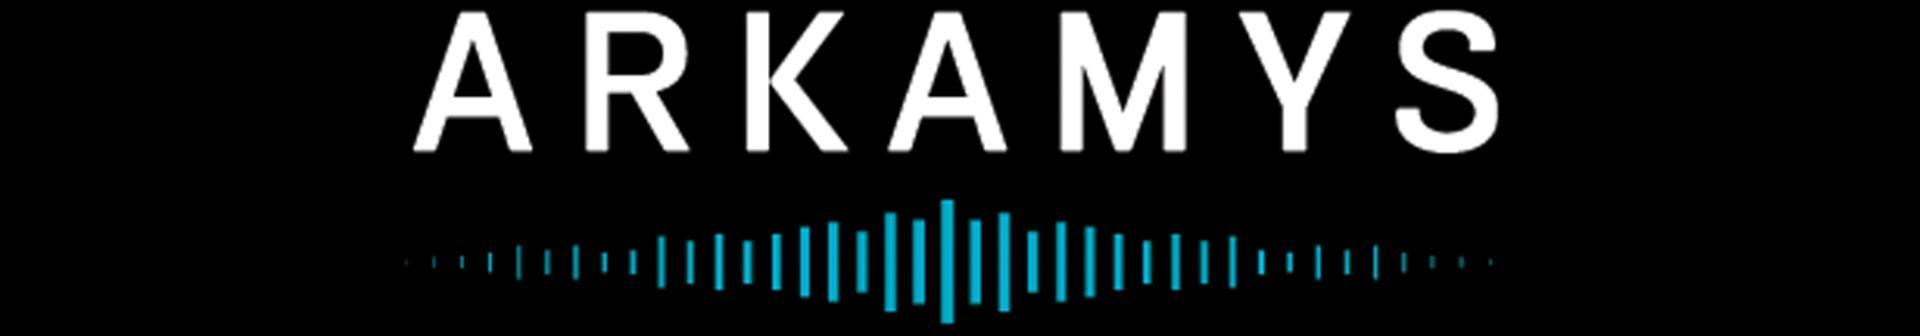 10km de l'Equipe : Accompagnez ARKAMYS et ses passionnés du son pour aider Audition Solidarité ! - AuditionSolidarité.Org